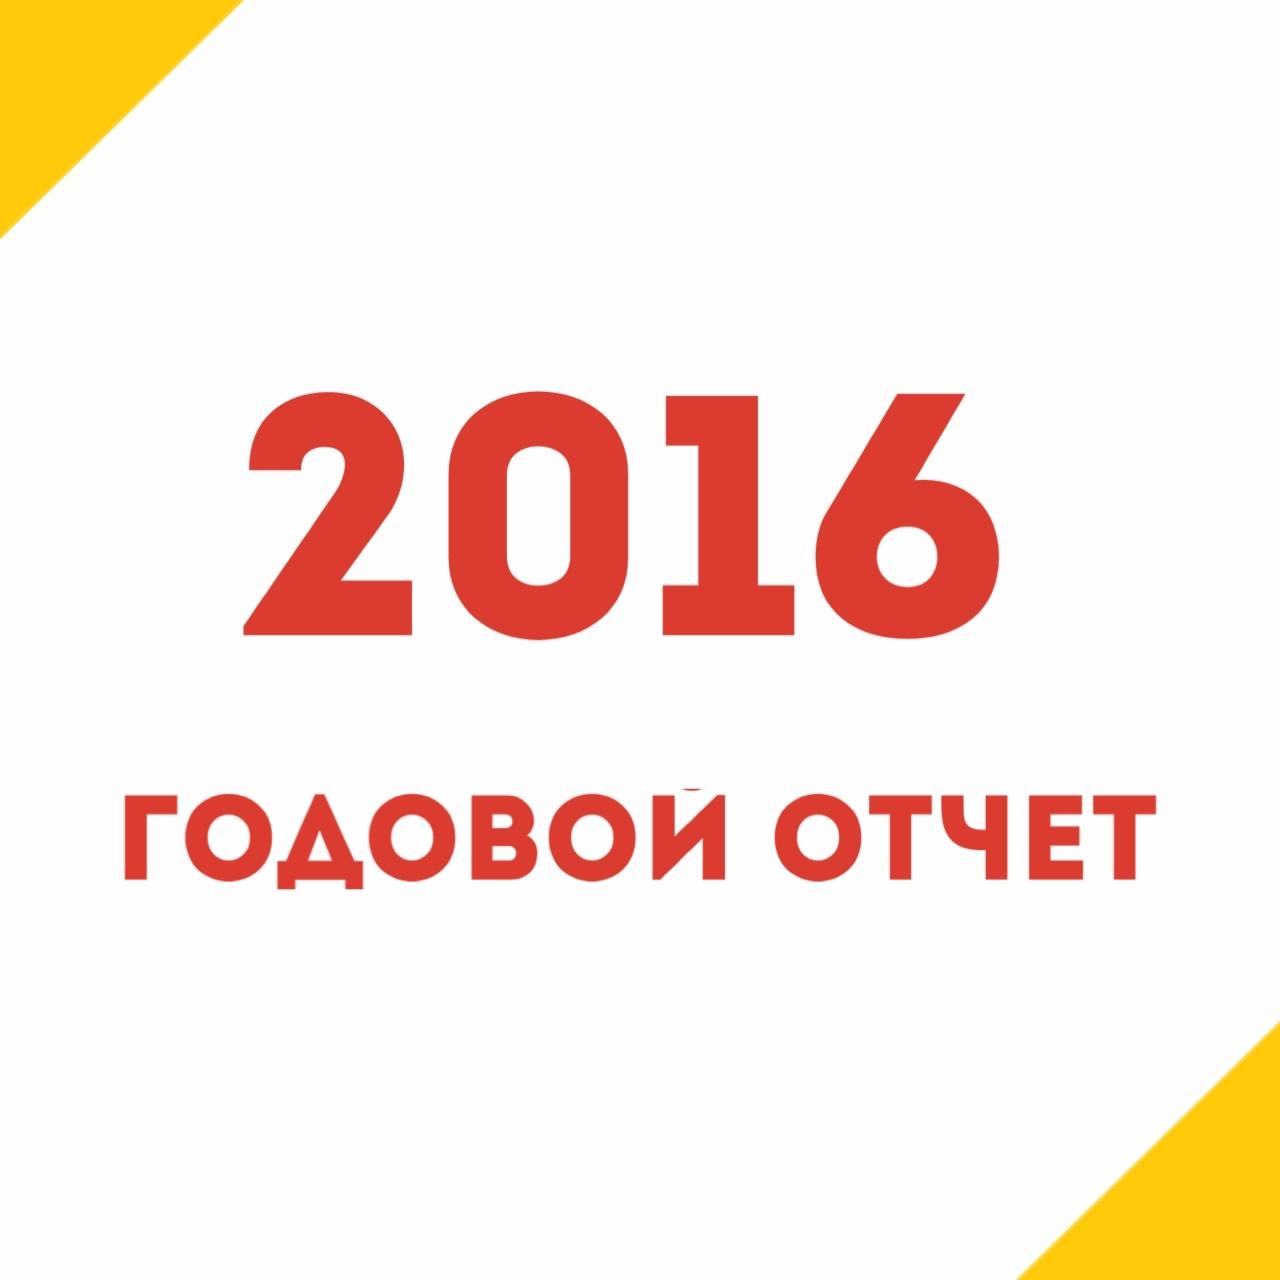 Годовой отчет 2016